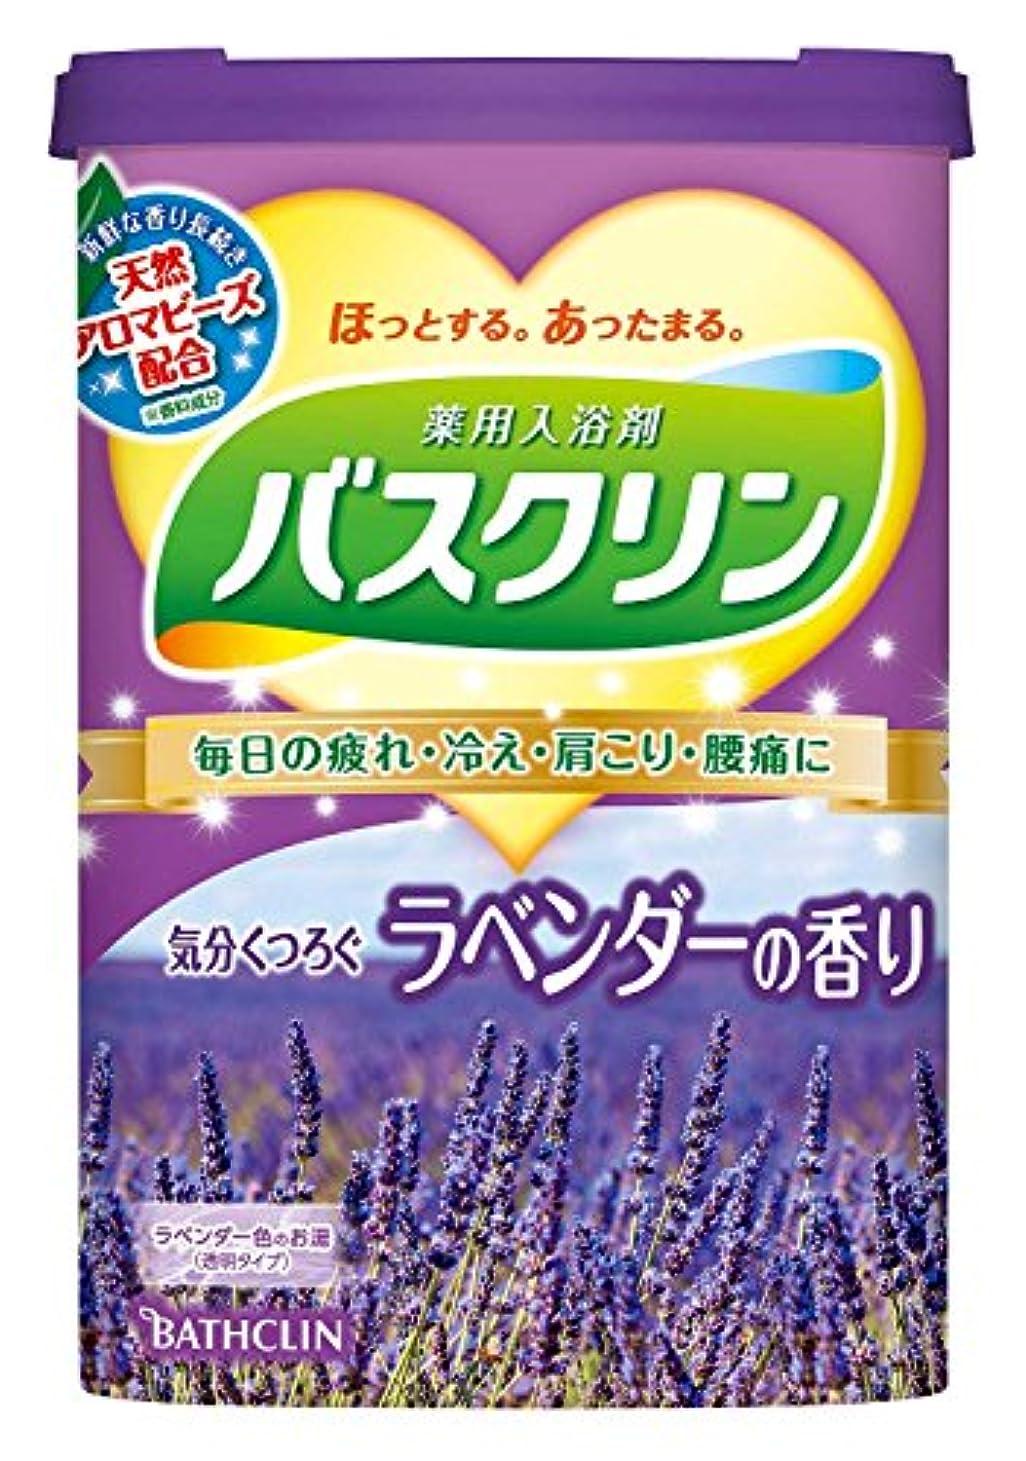 意図する宇宙飛行士洗剤【医薬部外品】バスクリン ラベンダーの香り 600g 入浴剤